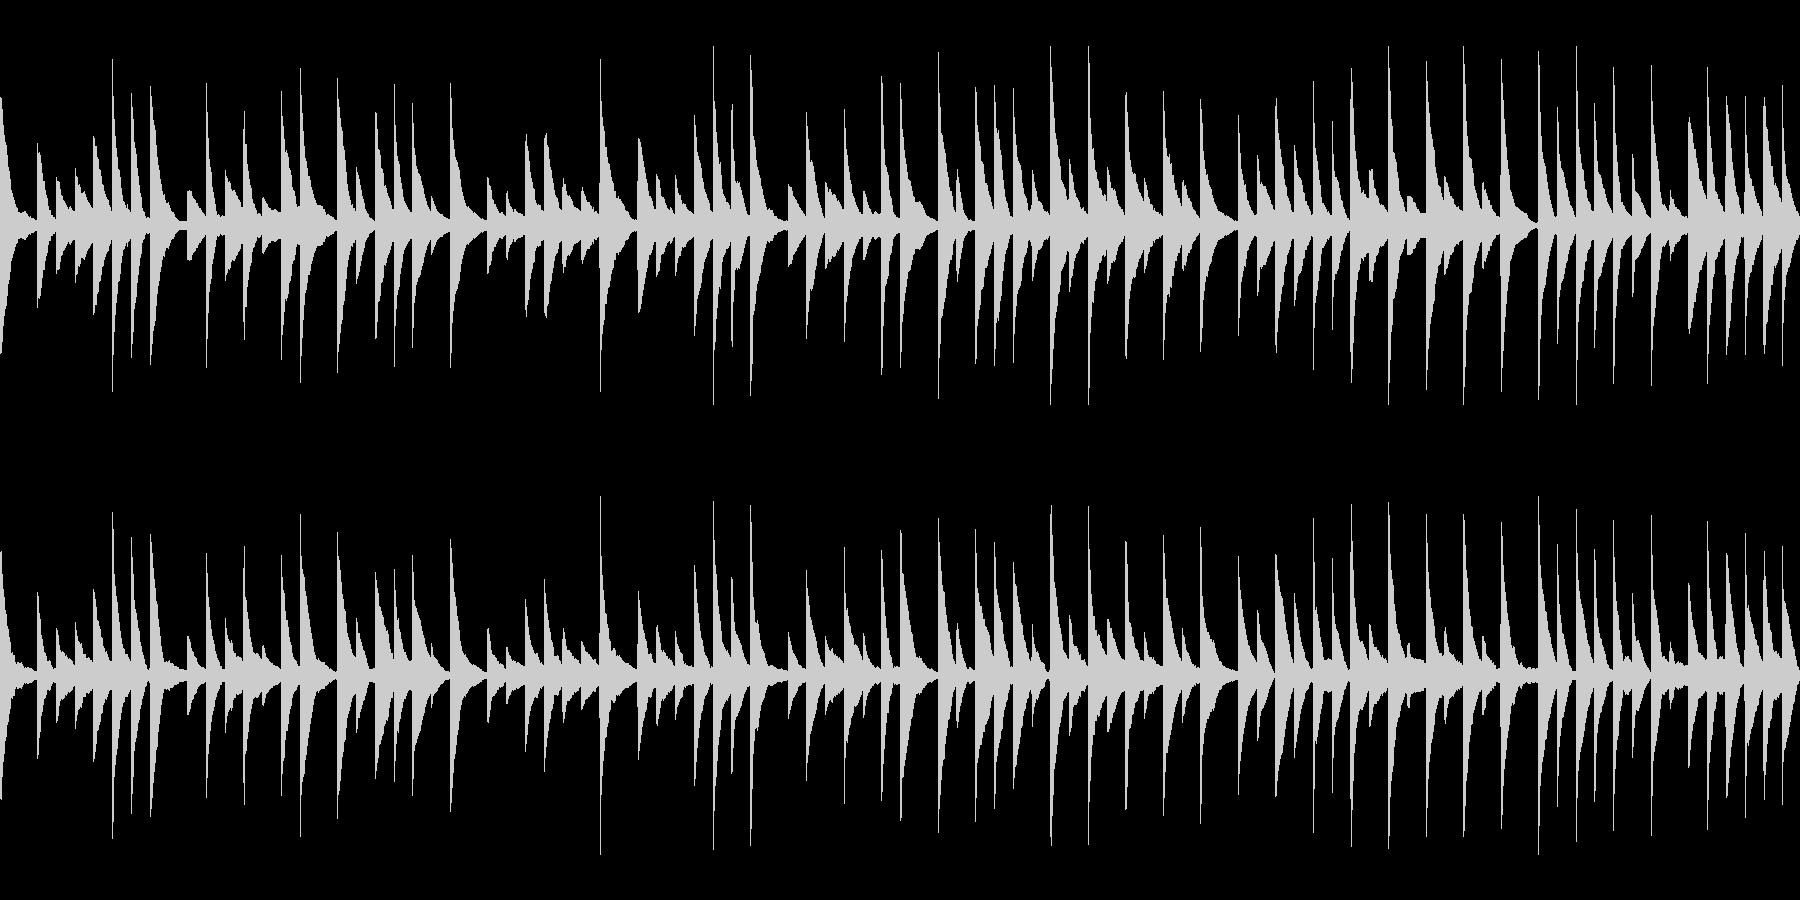 オルゴール風BGM(ループ)の未再生の波形